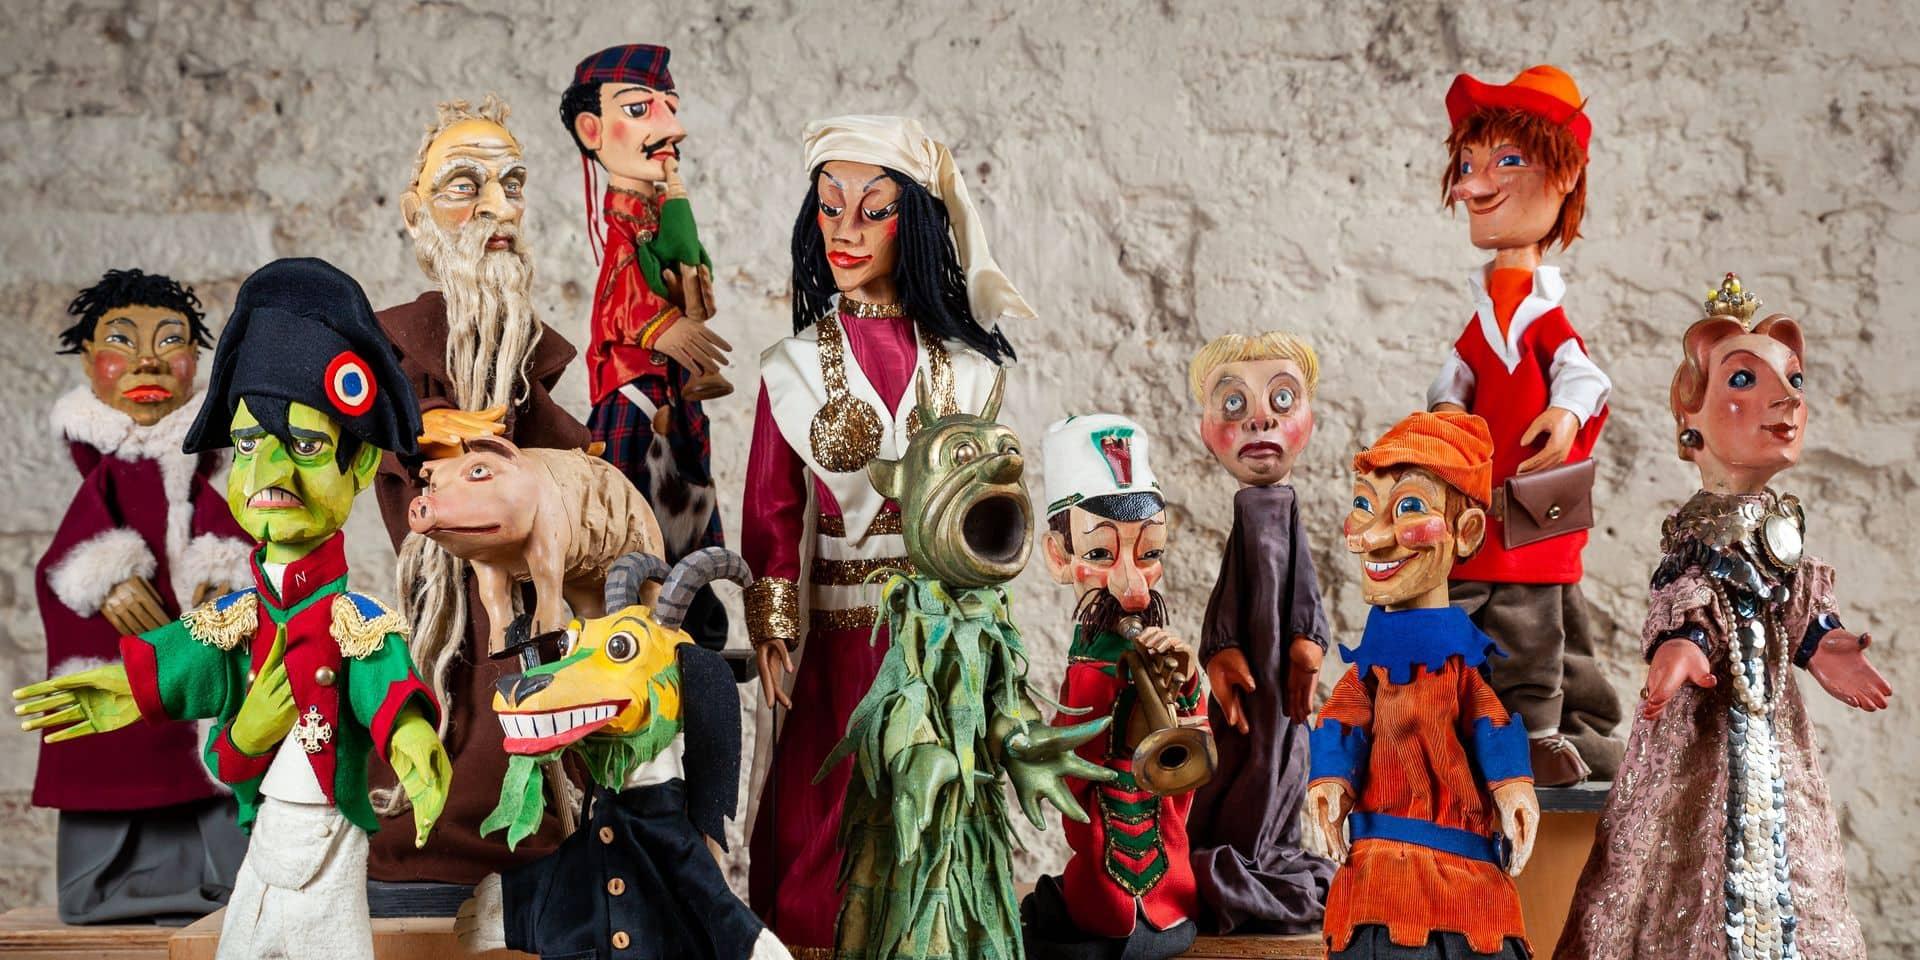 Les spectacles de marionnettes : un patrimoine préservé